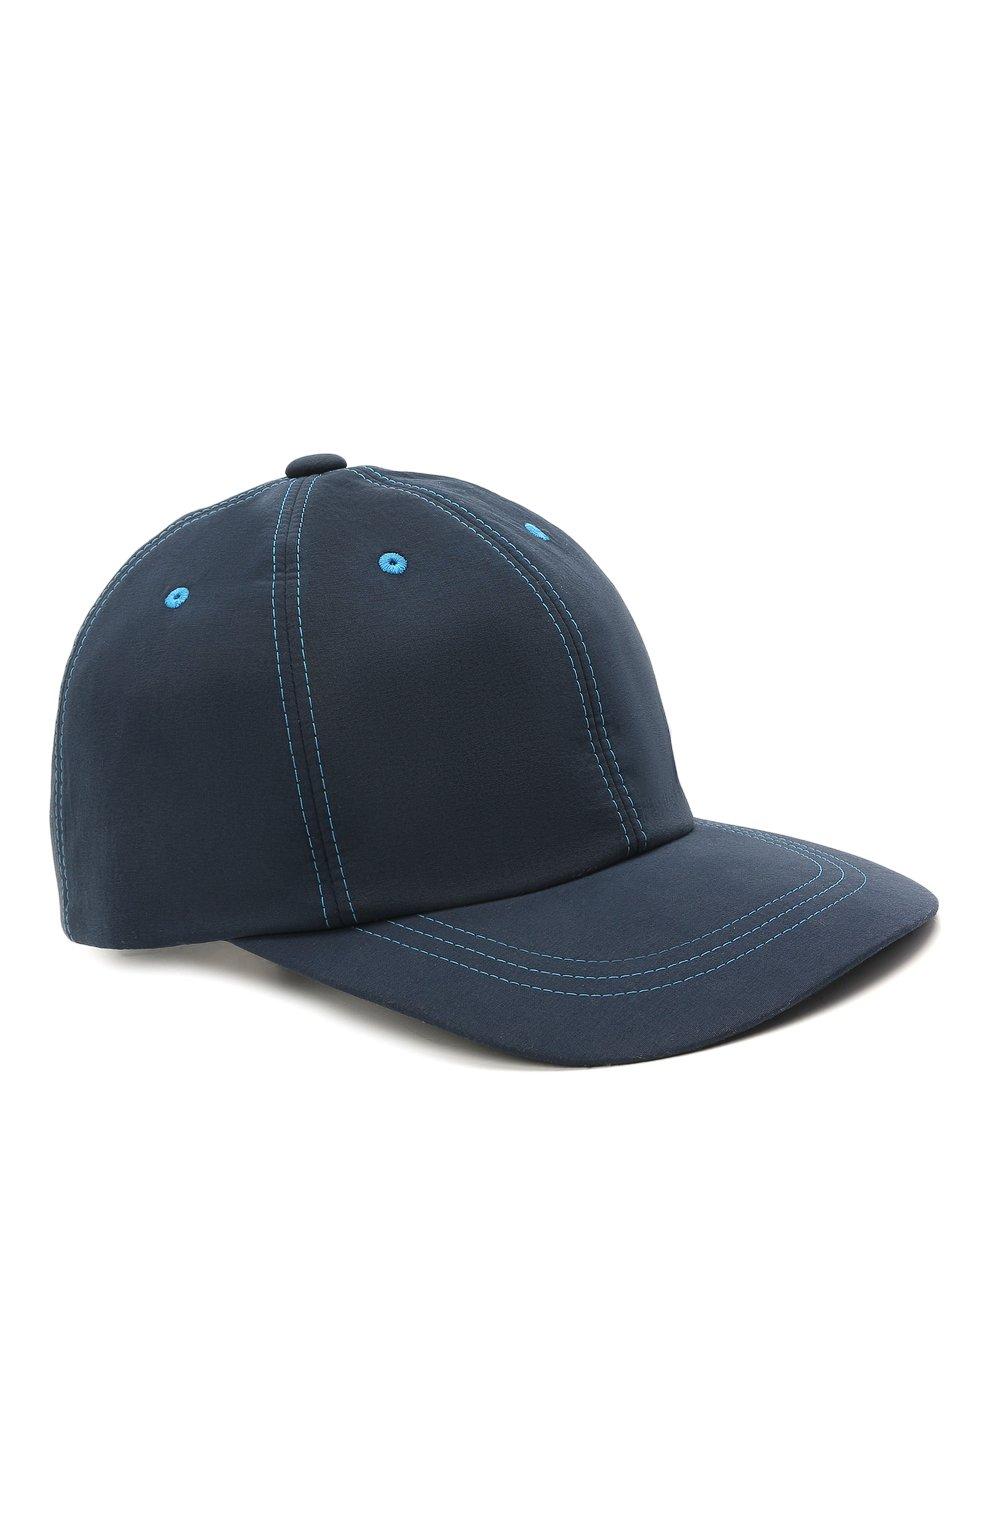 Мужской бейсболка ZILLI синего цвета, арт. MHV-CAP12-UNIC0/0001 | Фото 1 (Материал: Текстиль)